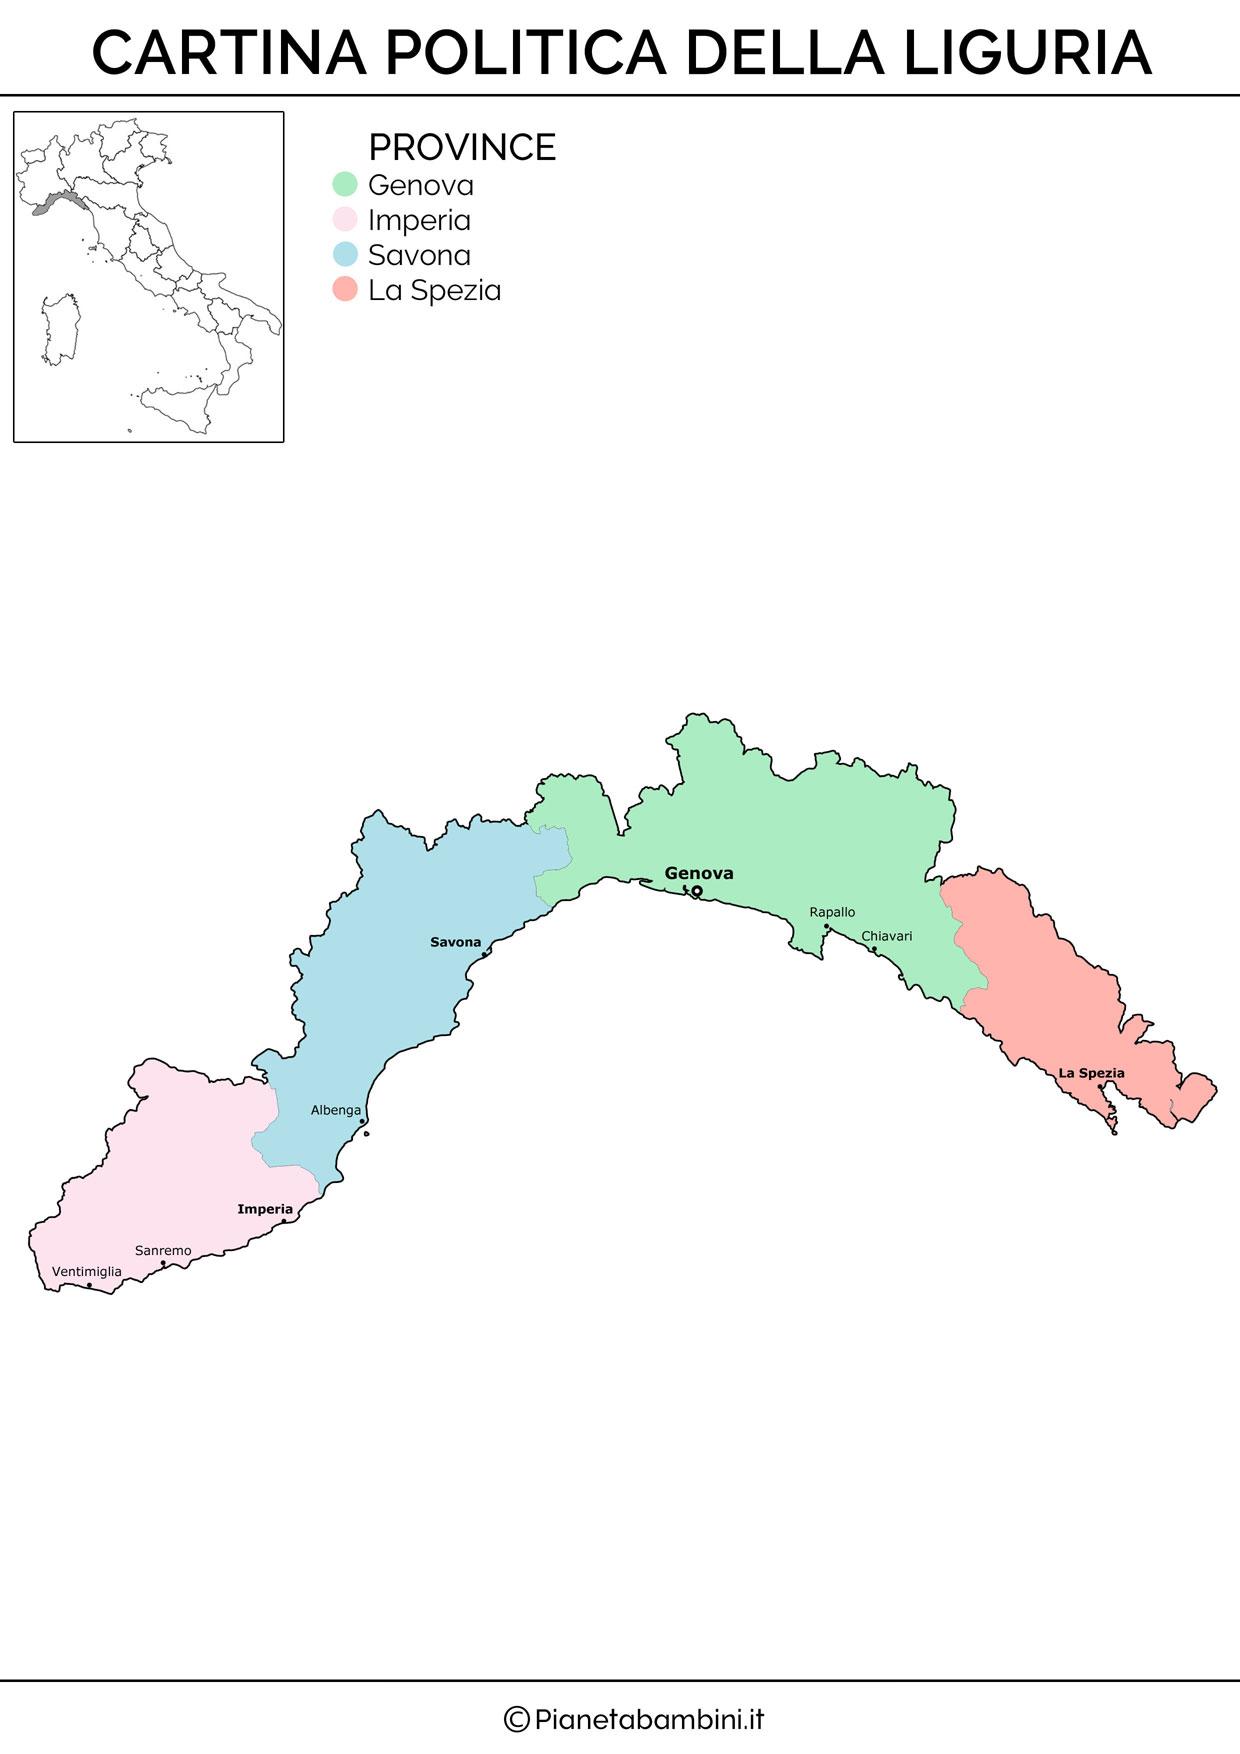 Cartina politica della Liguria da stampare gratis